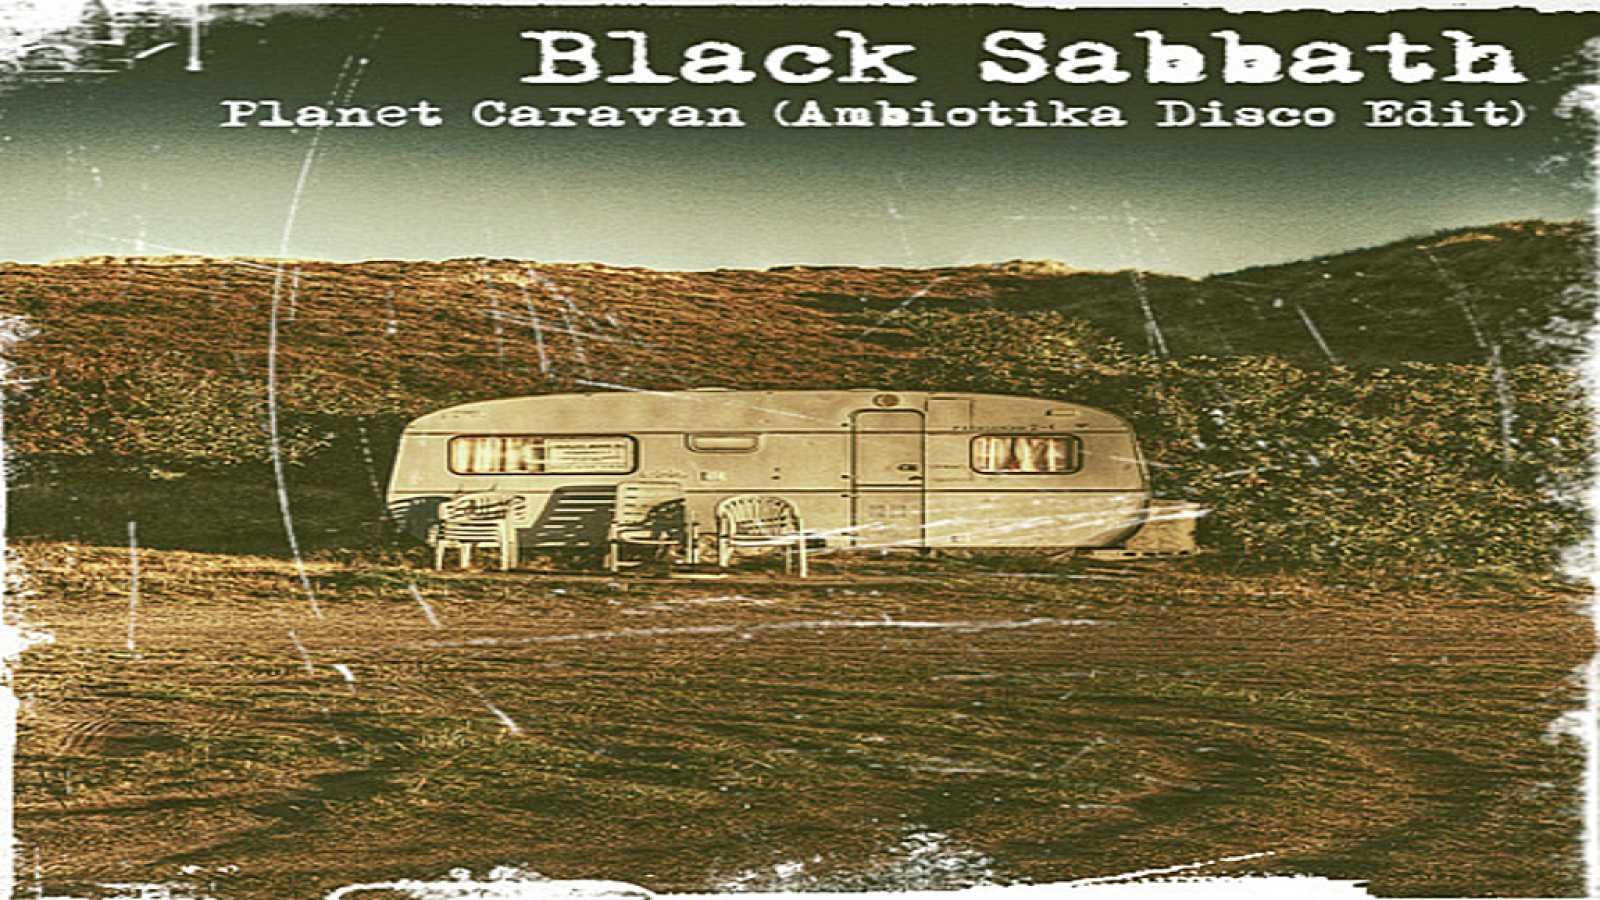 Próxima parada - Buffalo Springfield & George Harrison y Black Sabbath - 05/11/20 - escuchar ahora